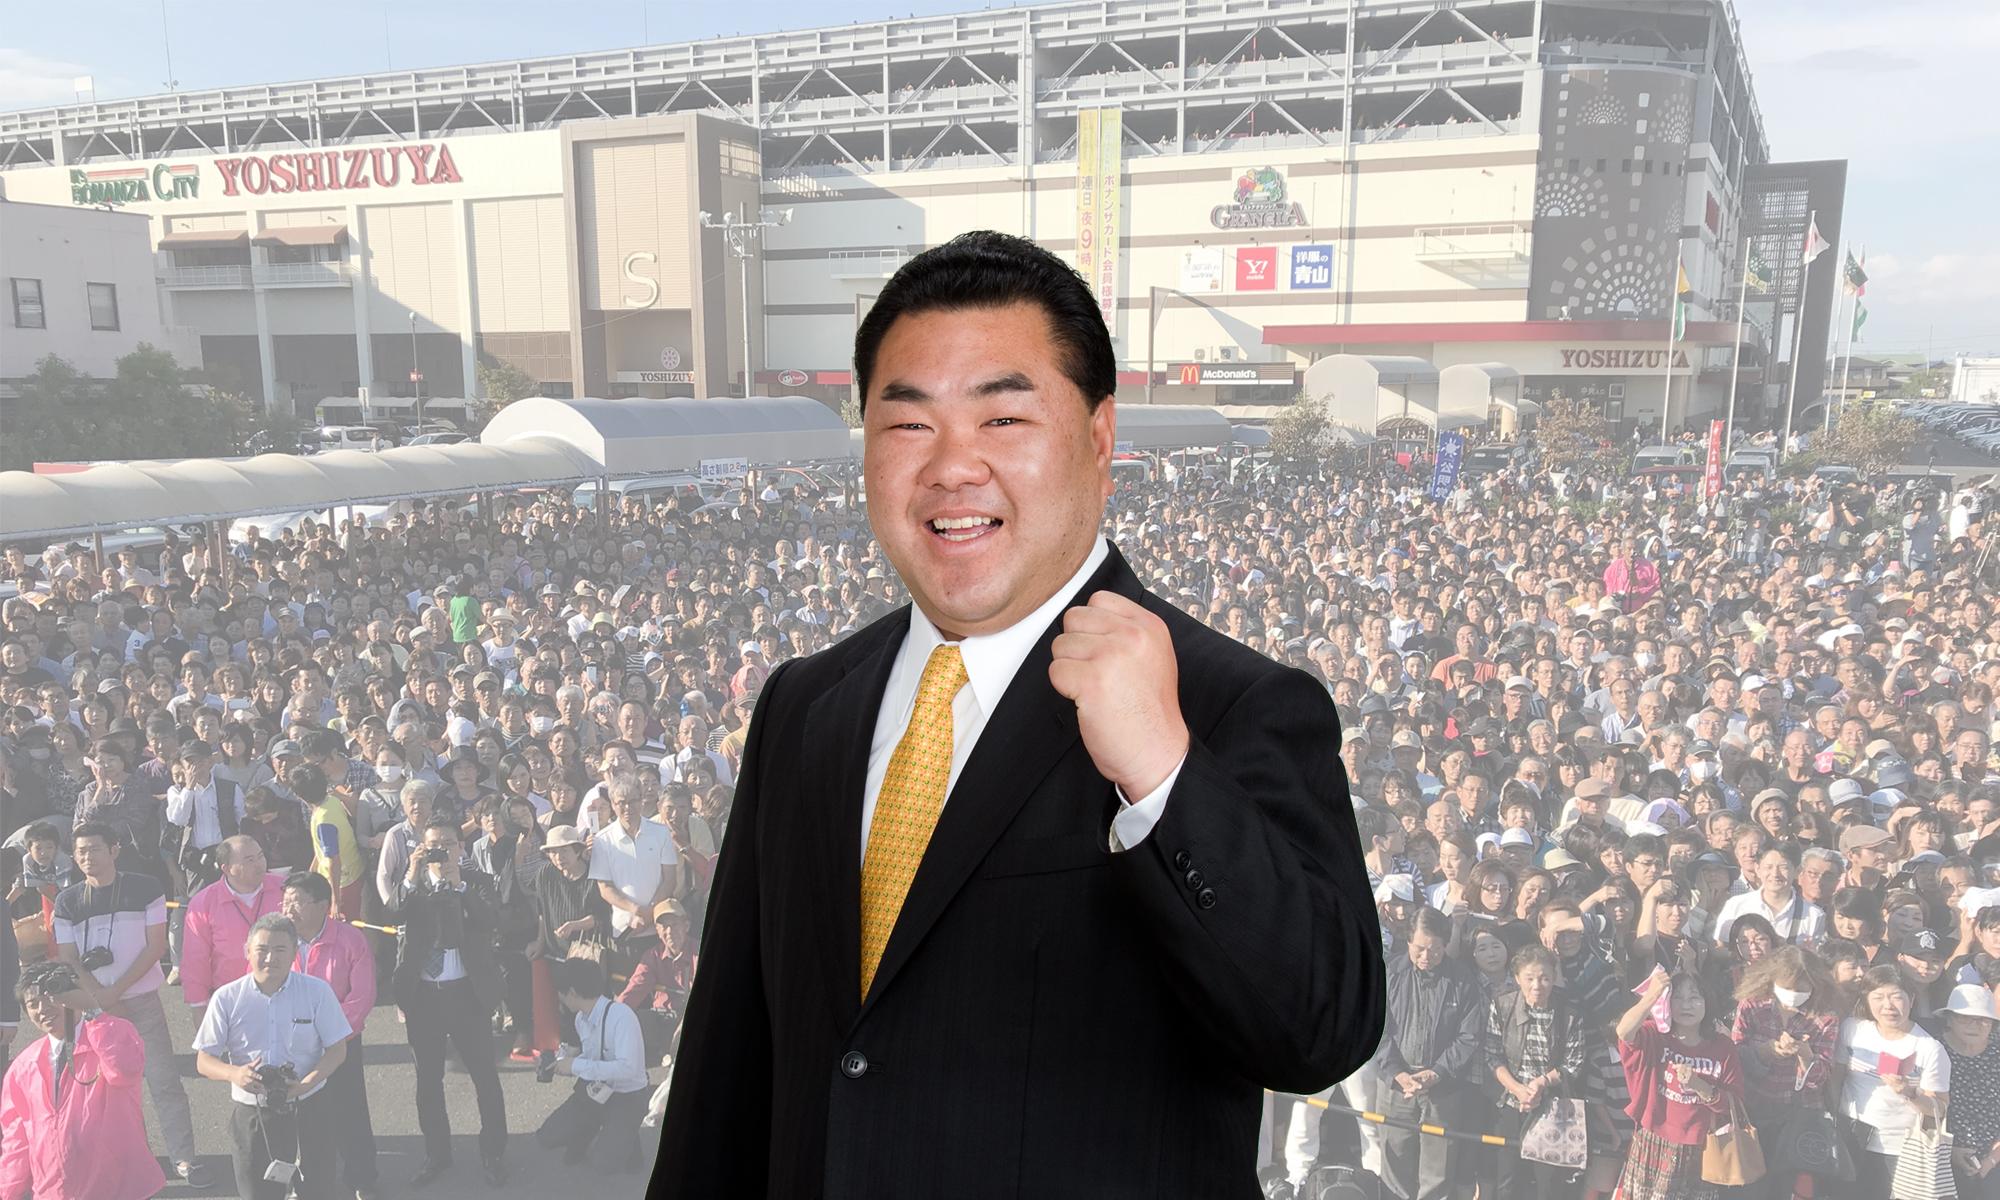 愛知県議会議員 石塚アポロのオフィシャルサイト